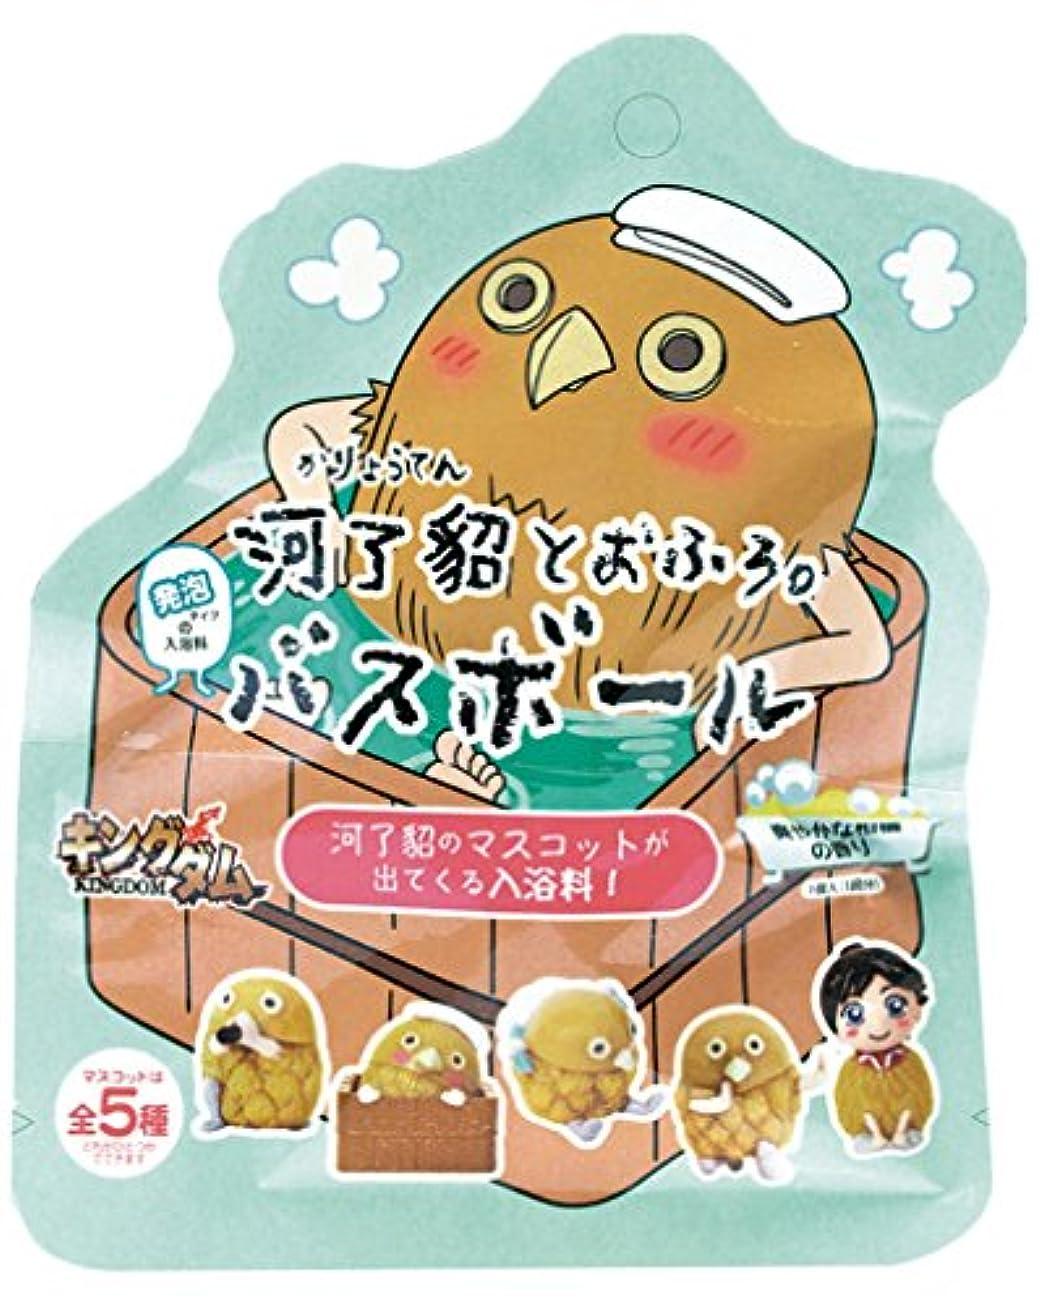 テロリスト規範適応的キングダム 入浴剤 バスボール 柑橘の香り 60g マスコット入り OB-GMB-1-1